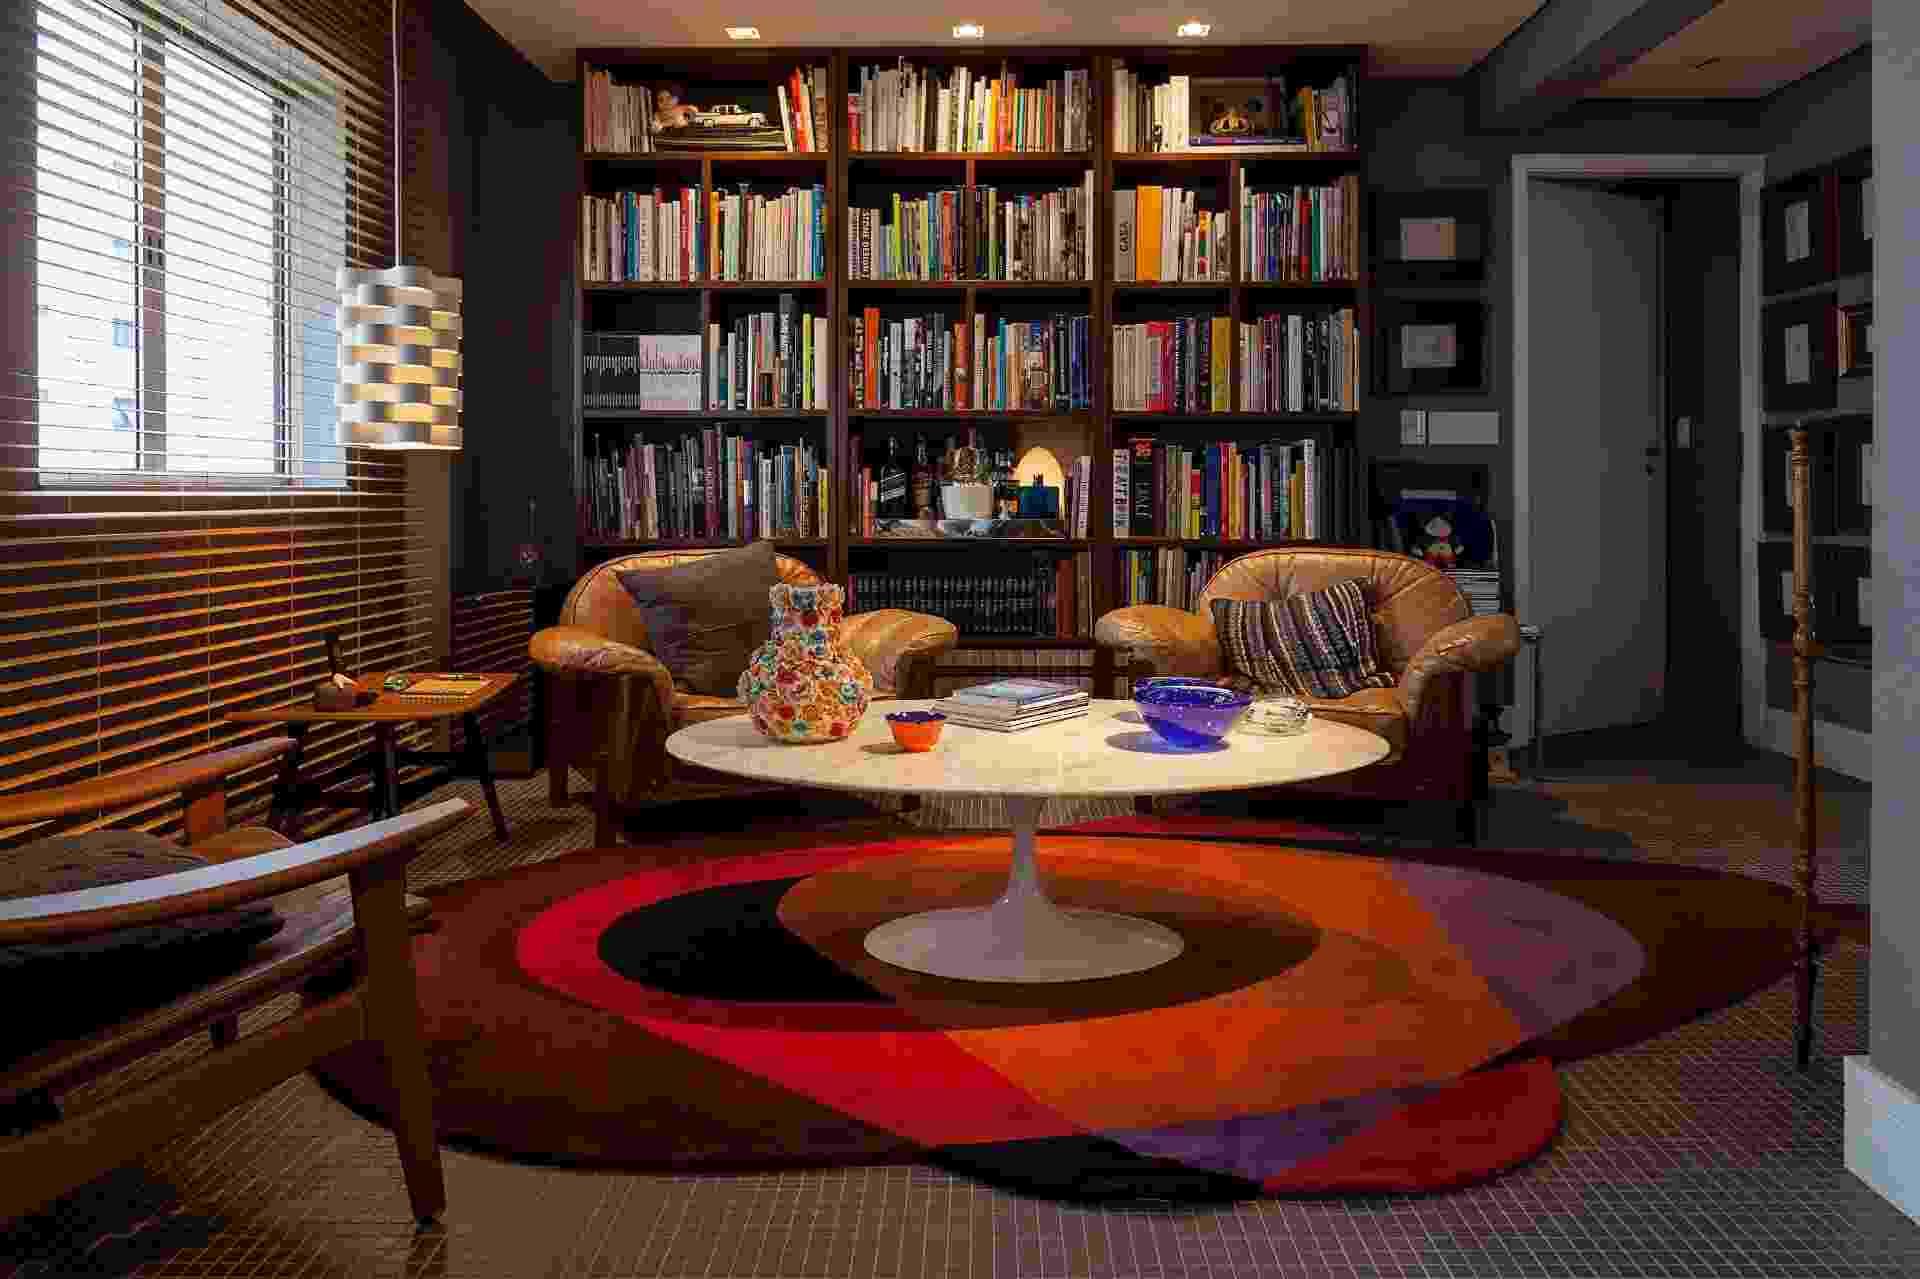 Com cores sóbrias, da pastilha cinza a madeira escura dos móveis, a sala ganhou vida e alegria com o tapete circular colorido (Punto e Filo), que se assemelha a uma obra de arte. Os tons da peça conversam com os demais presentes em objetos. Projeto da Díptico Design de Interiores - Júlia Ribeiro/Divulgação